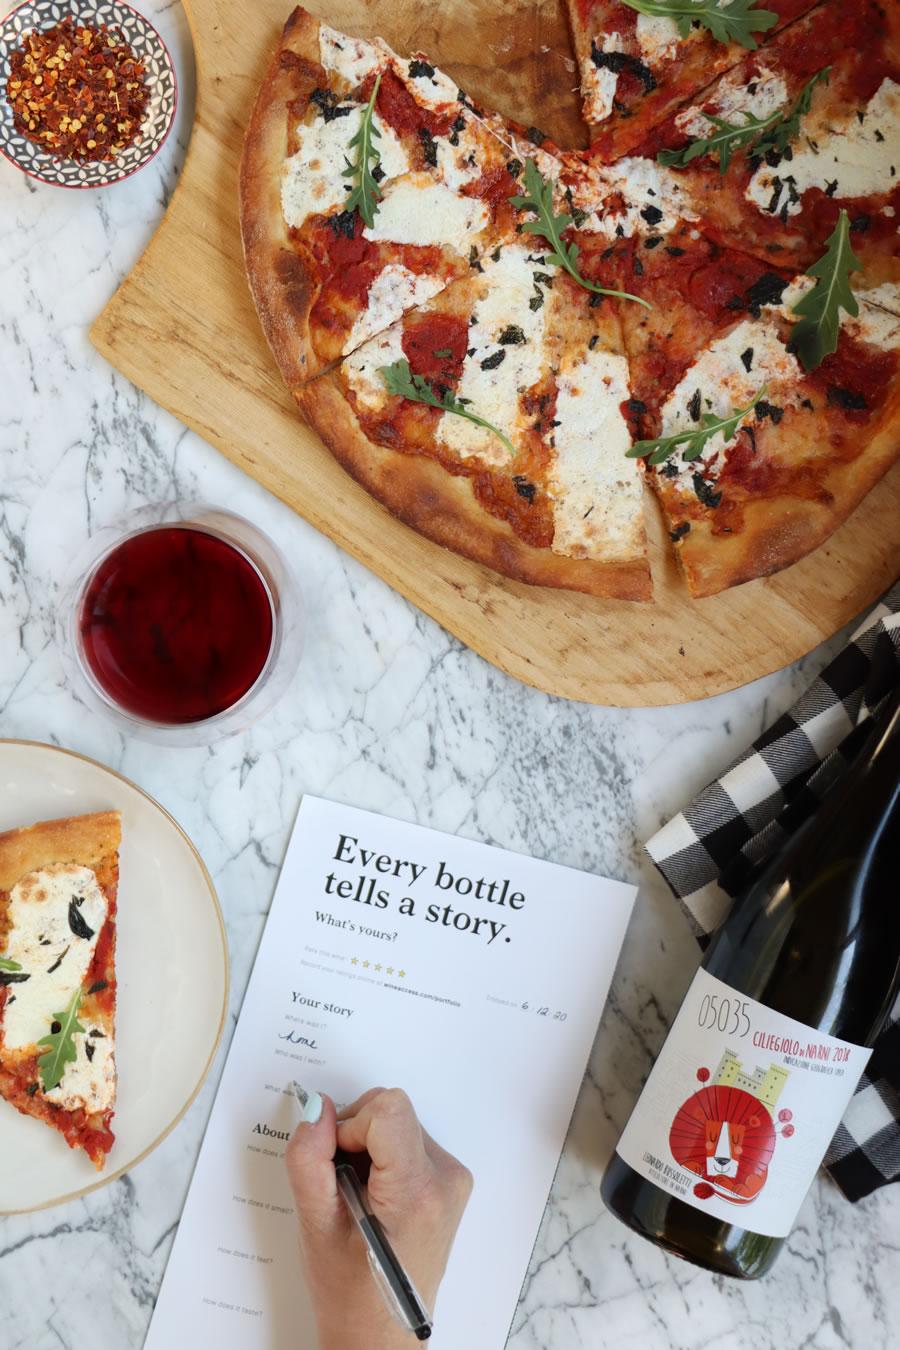 une main remplissant une carte de dégustation de vin et examinant l'accès au vin à côté de la pizza, un verre de vin et une bouteille